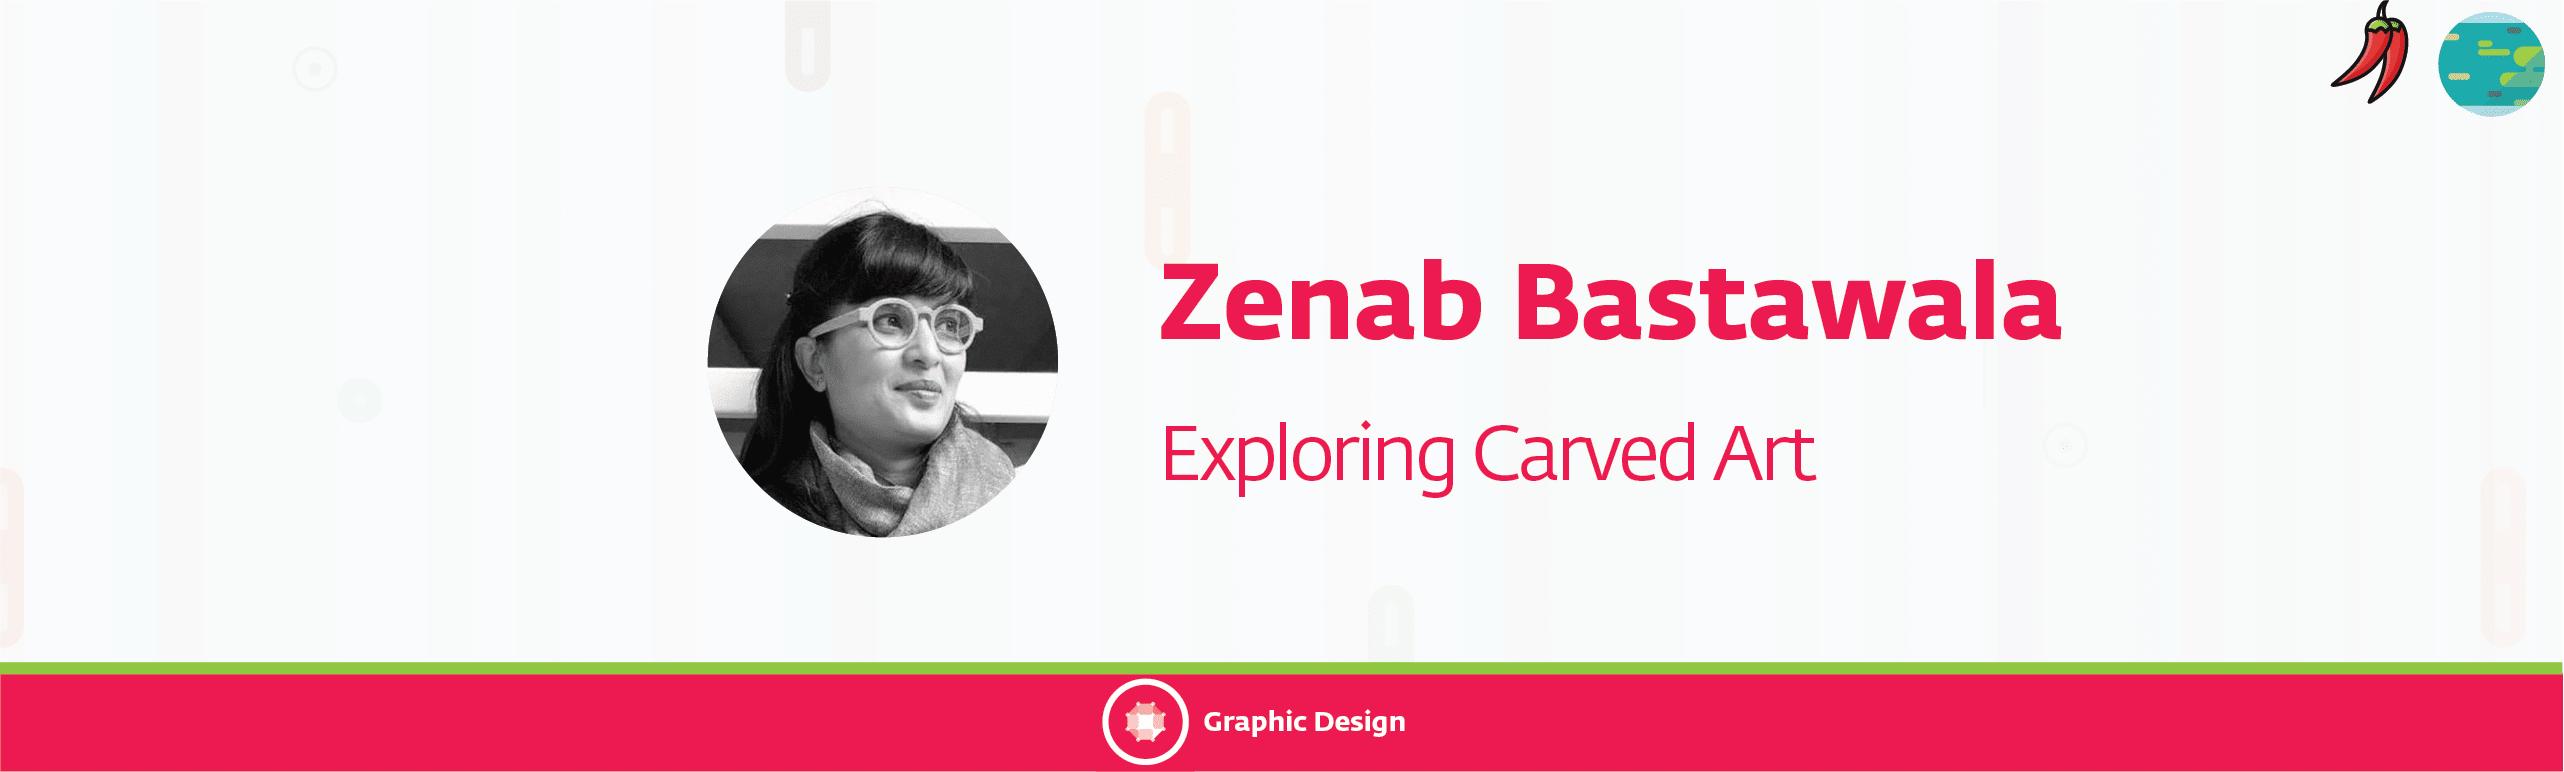 zenab banner 31 - Exploring Carved Art